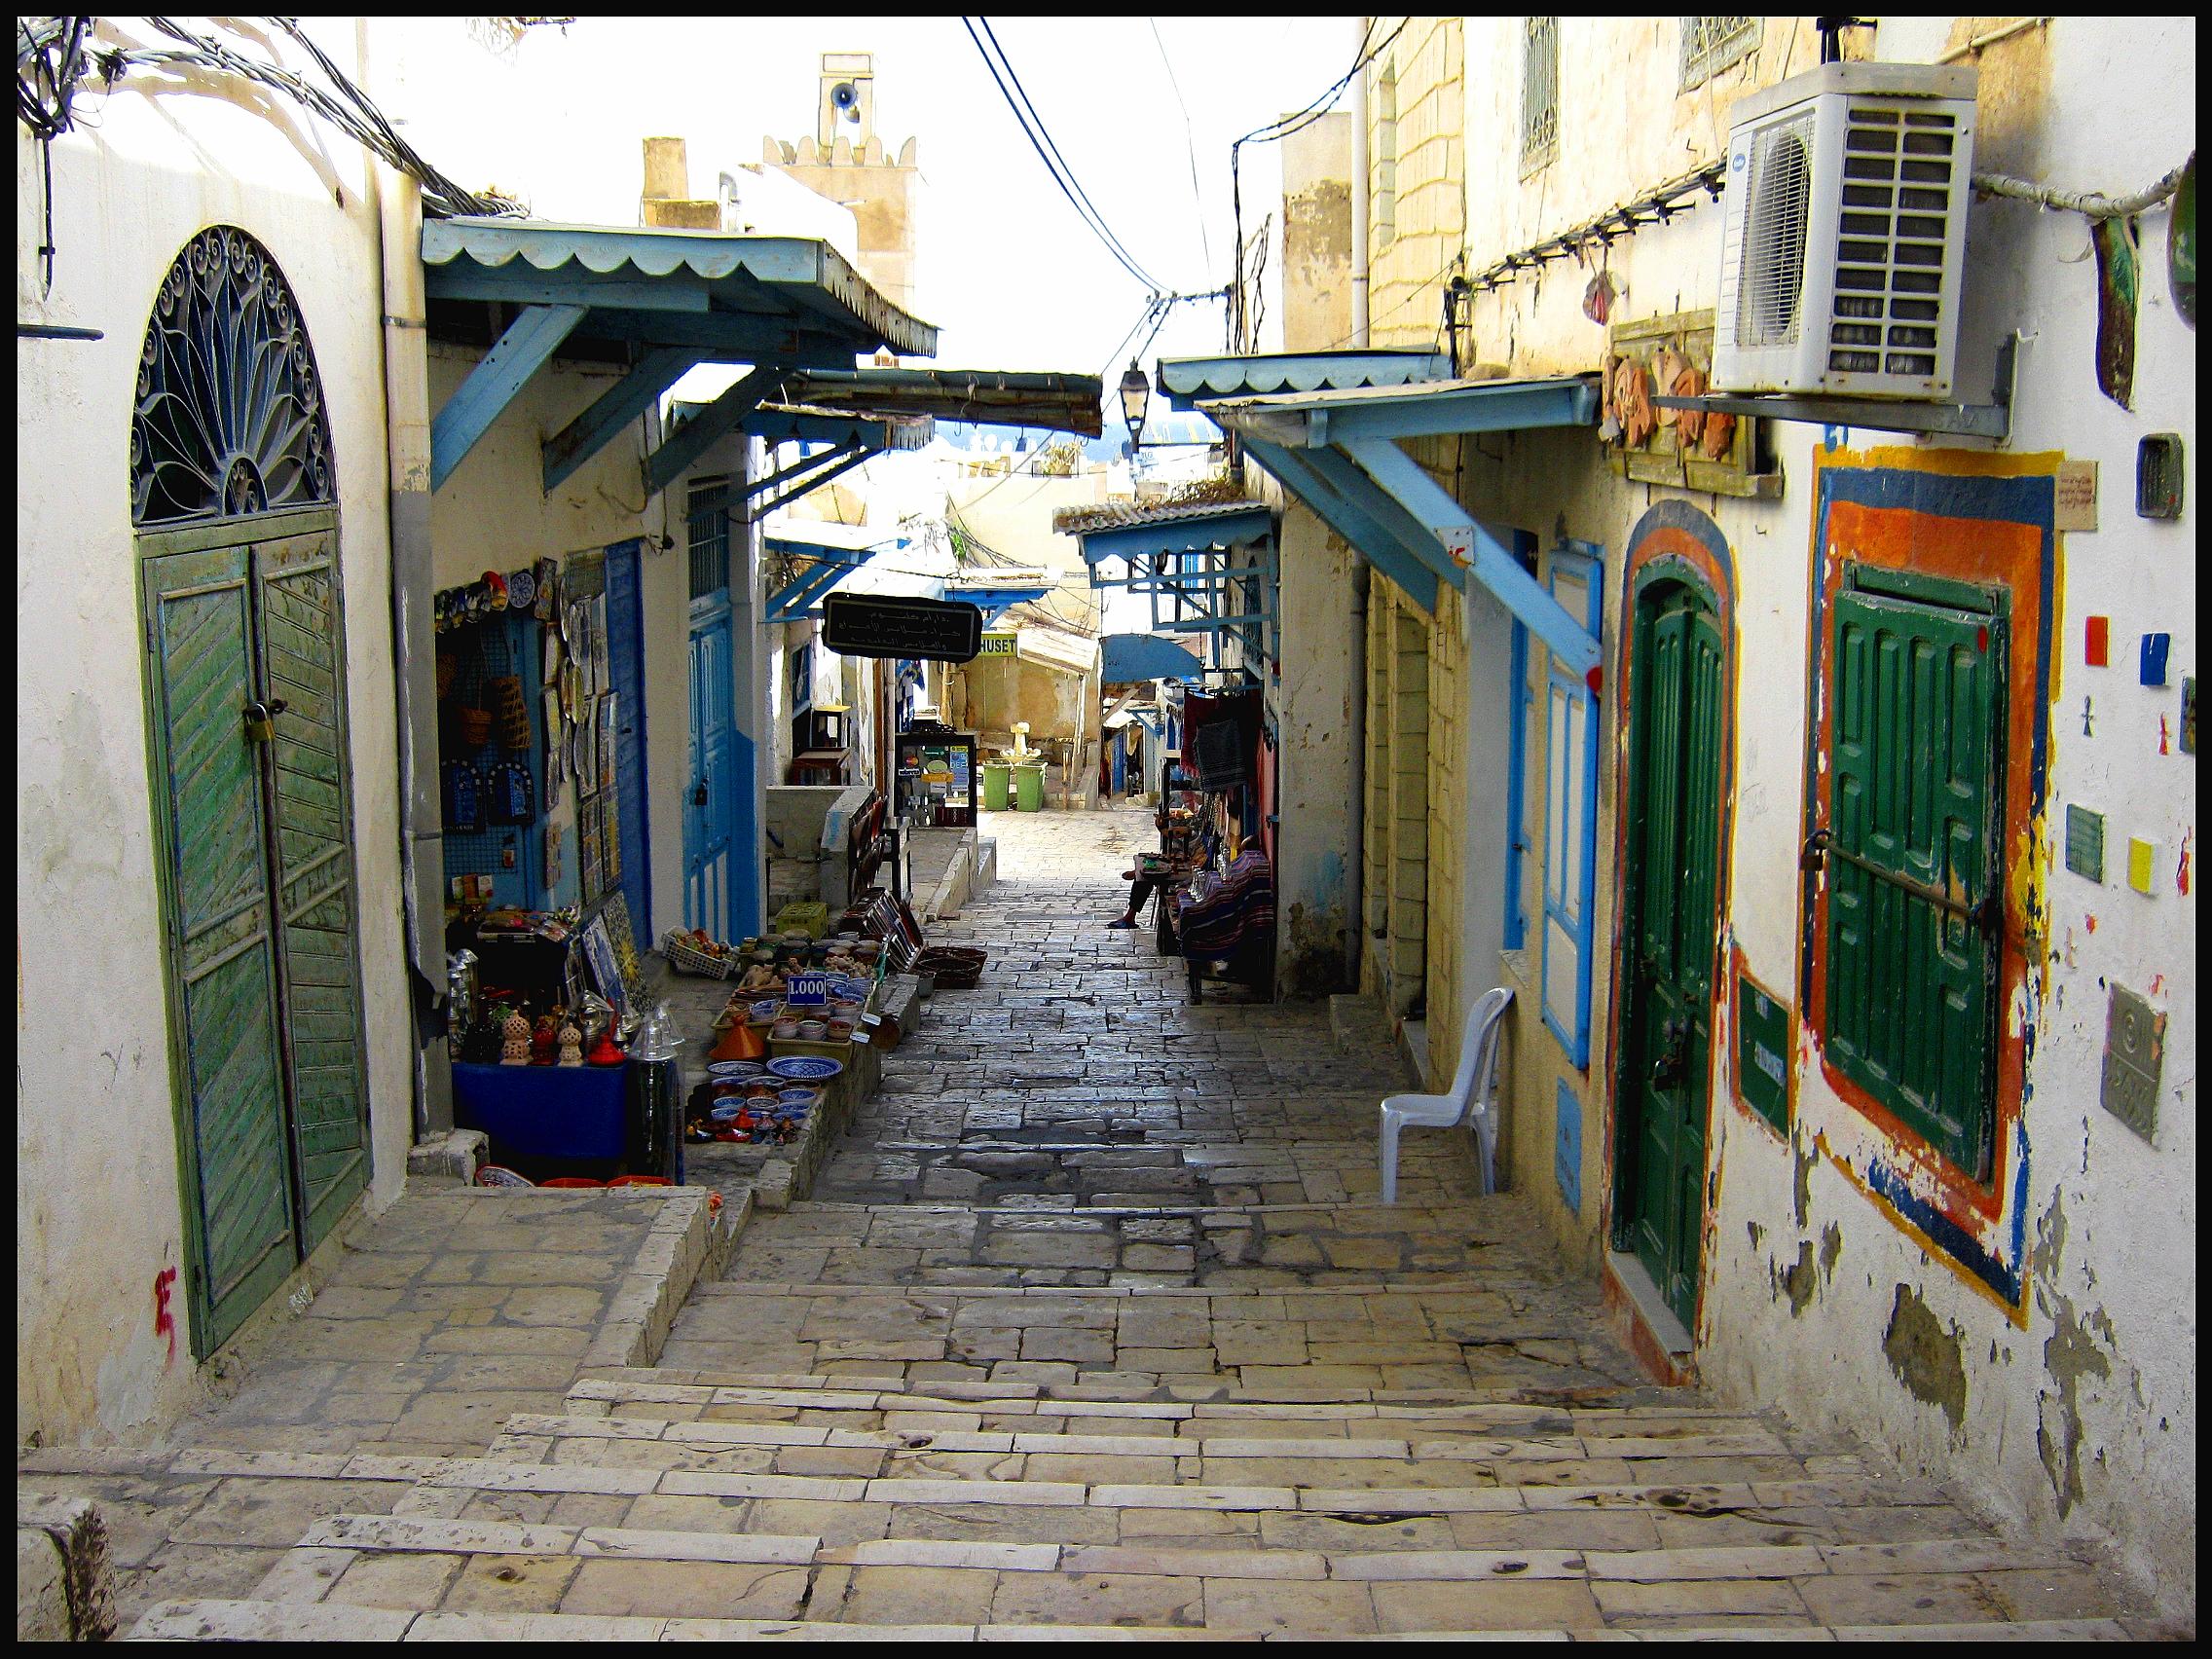 Medina Way